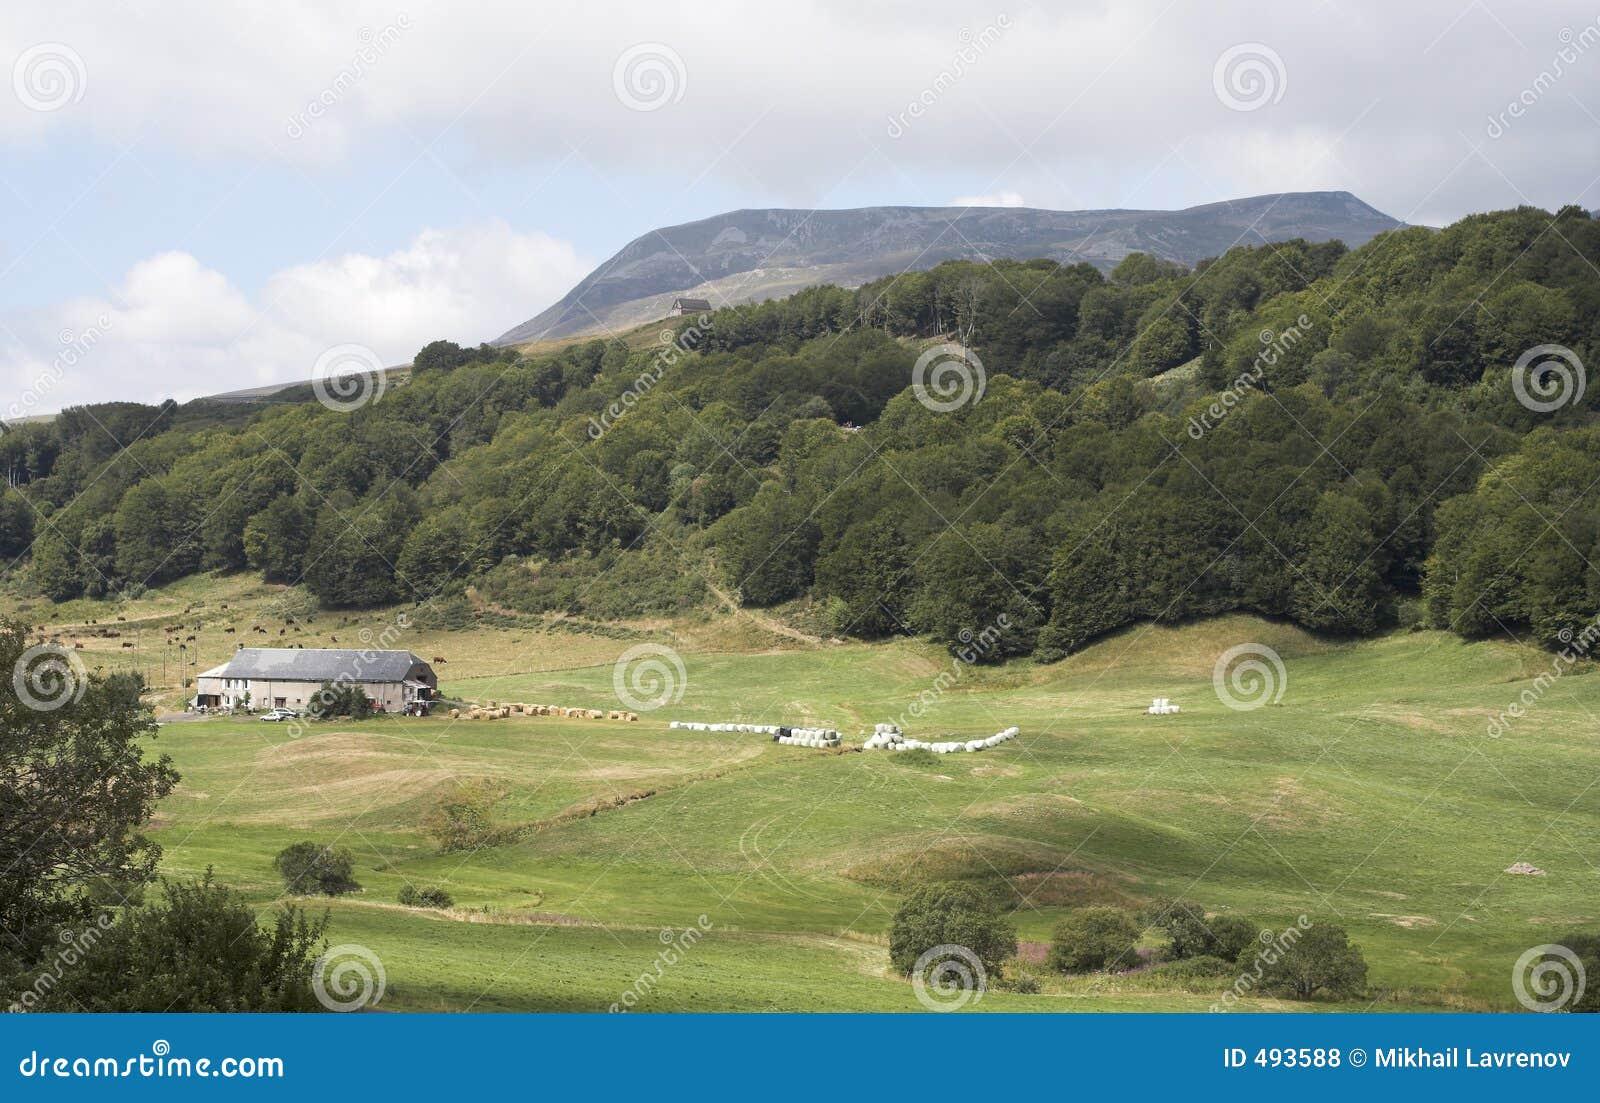 долина гор холмов